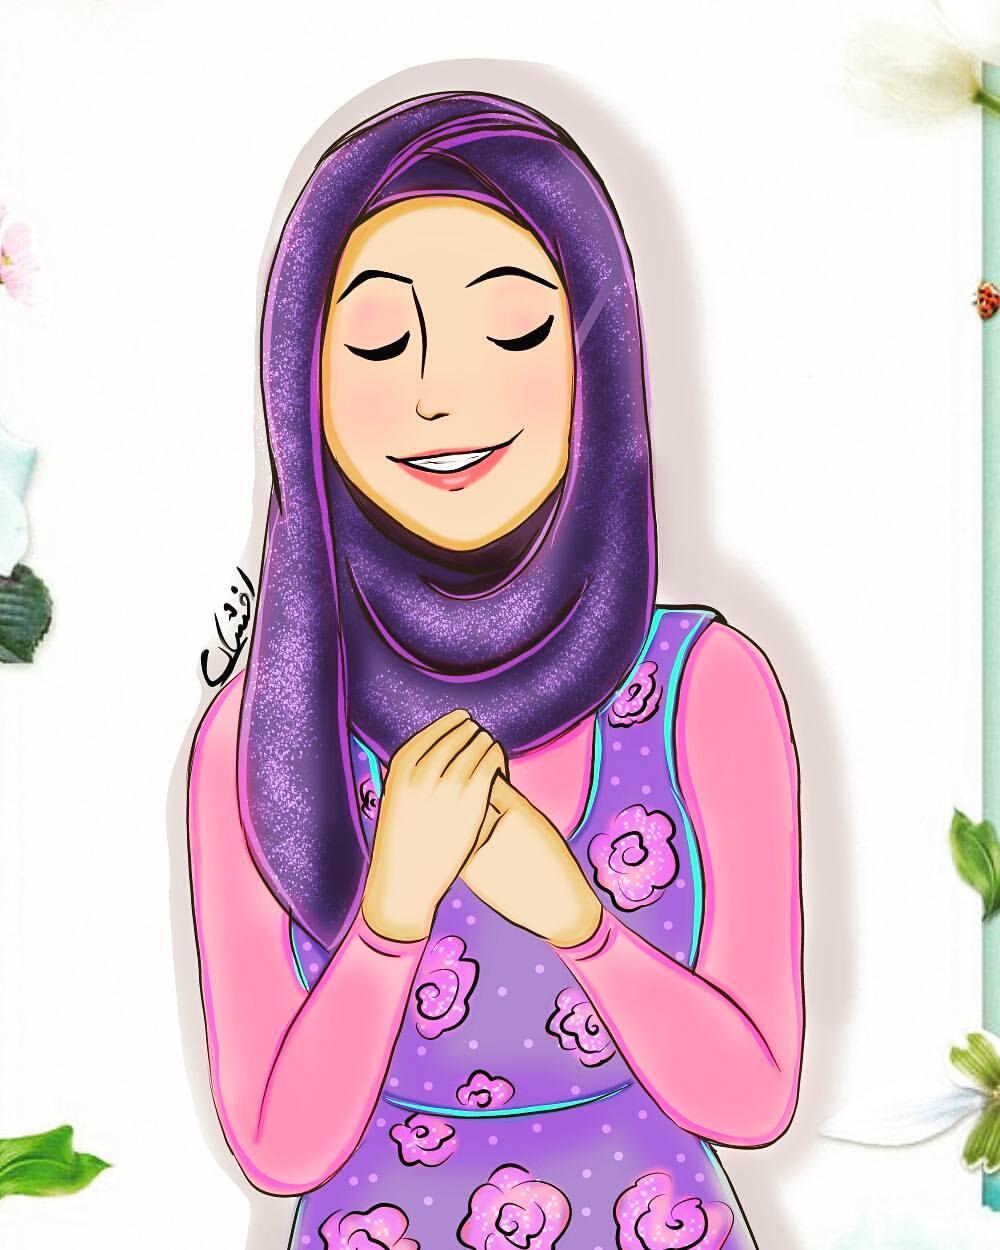 Girl Praying Wallpaper